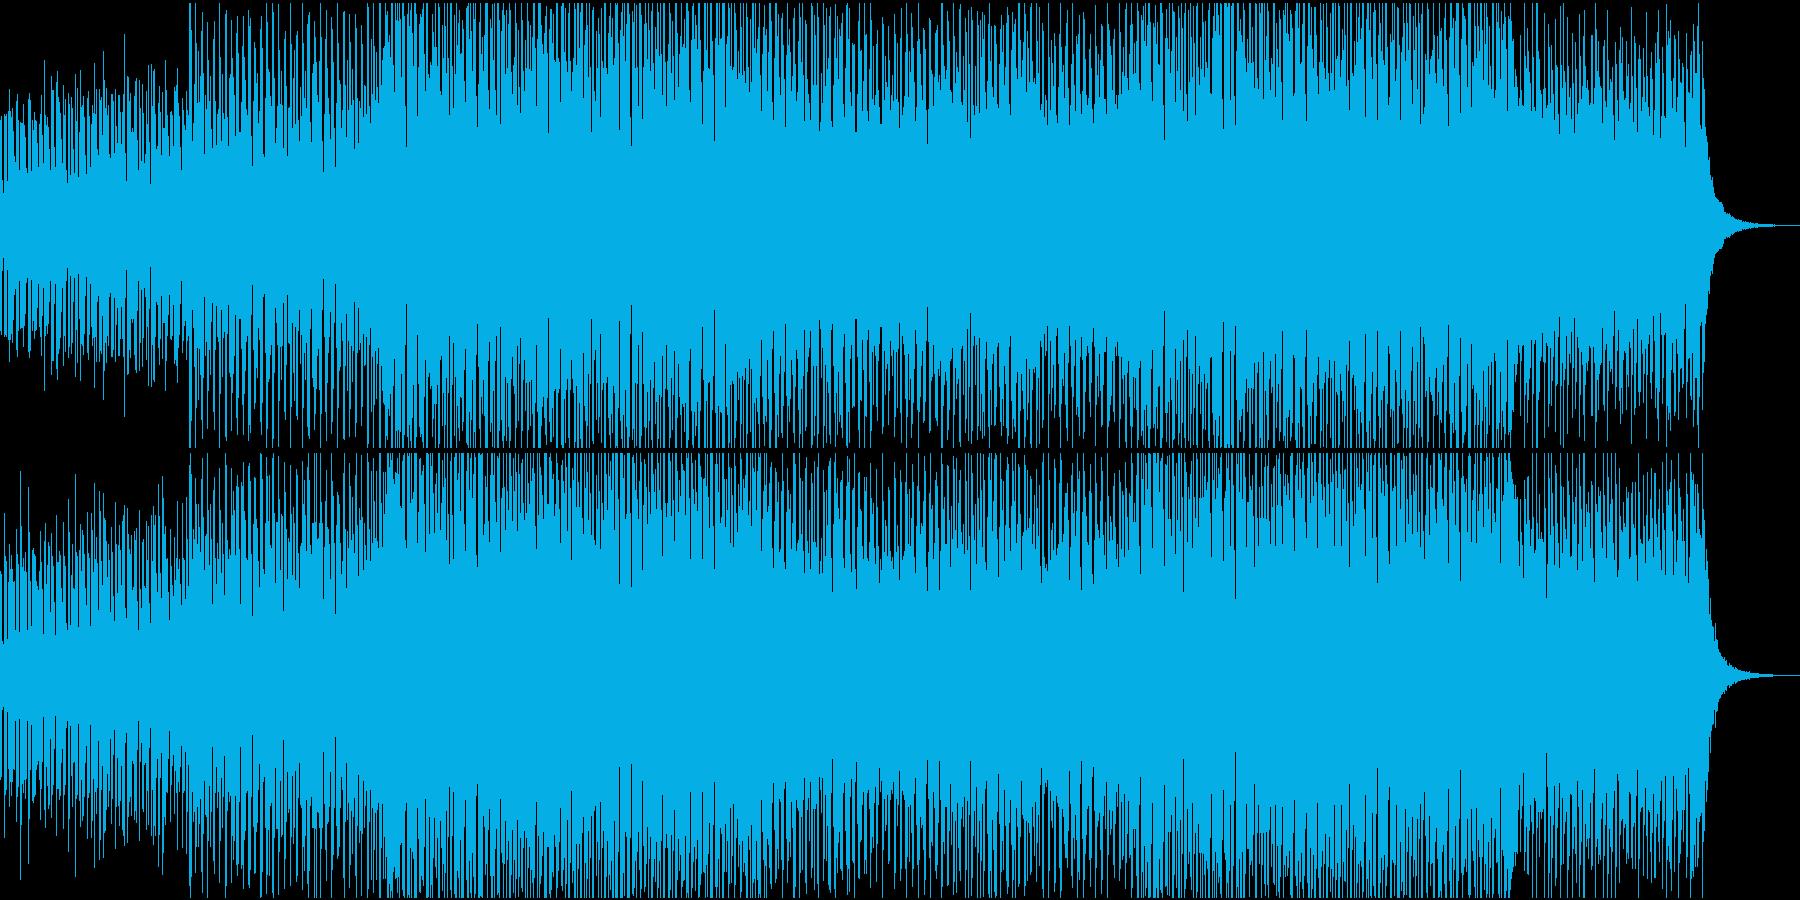 【CM・映像】爽やかなエレクトロBGMの再生済みの波形